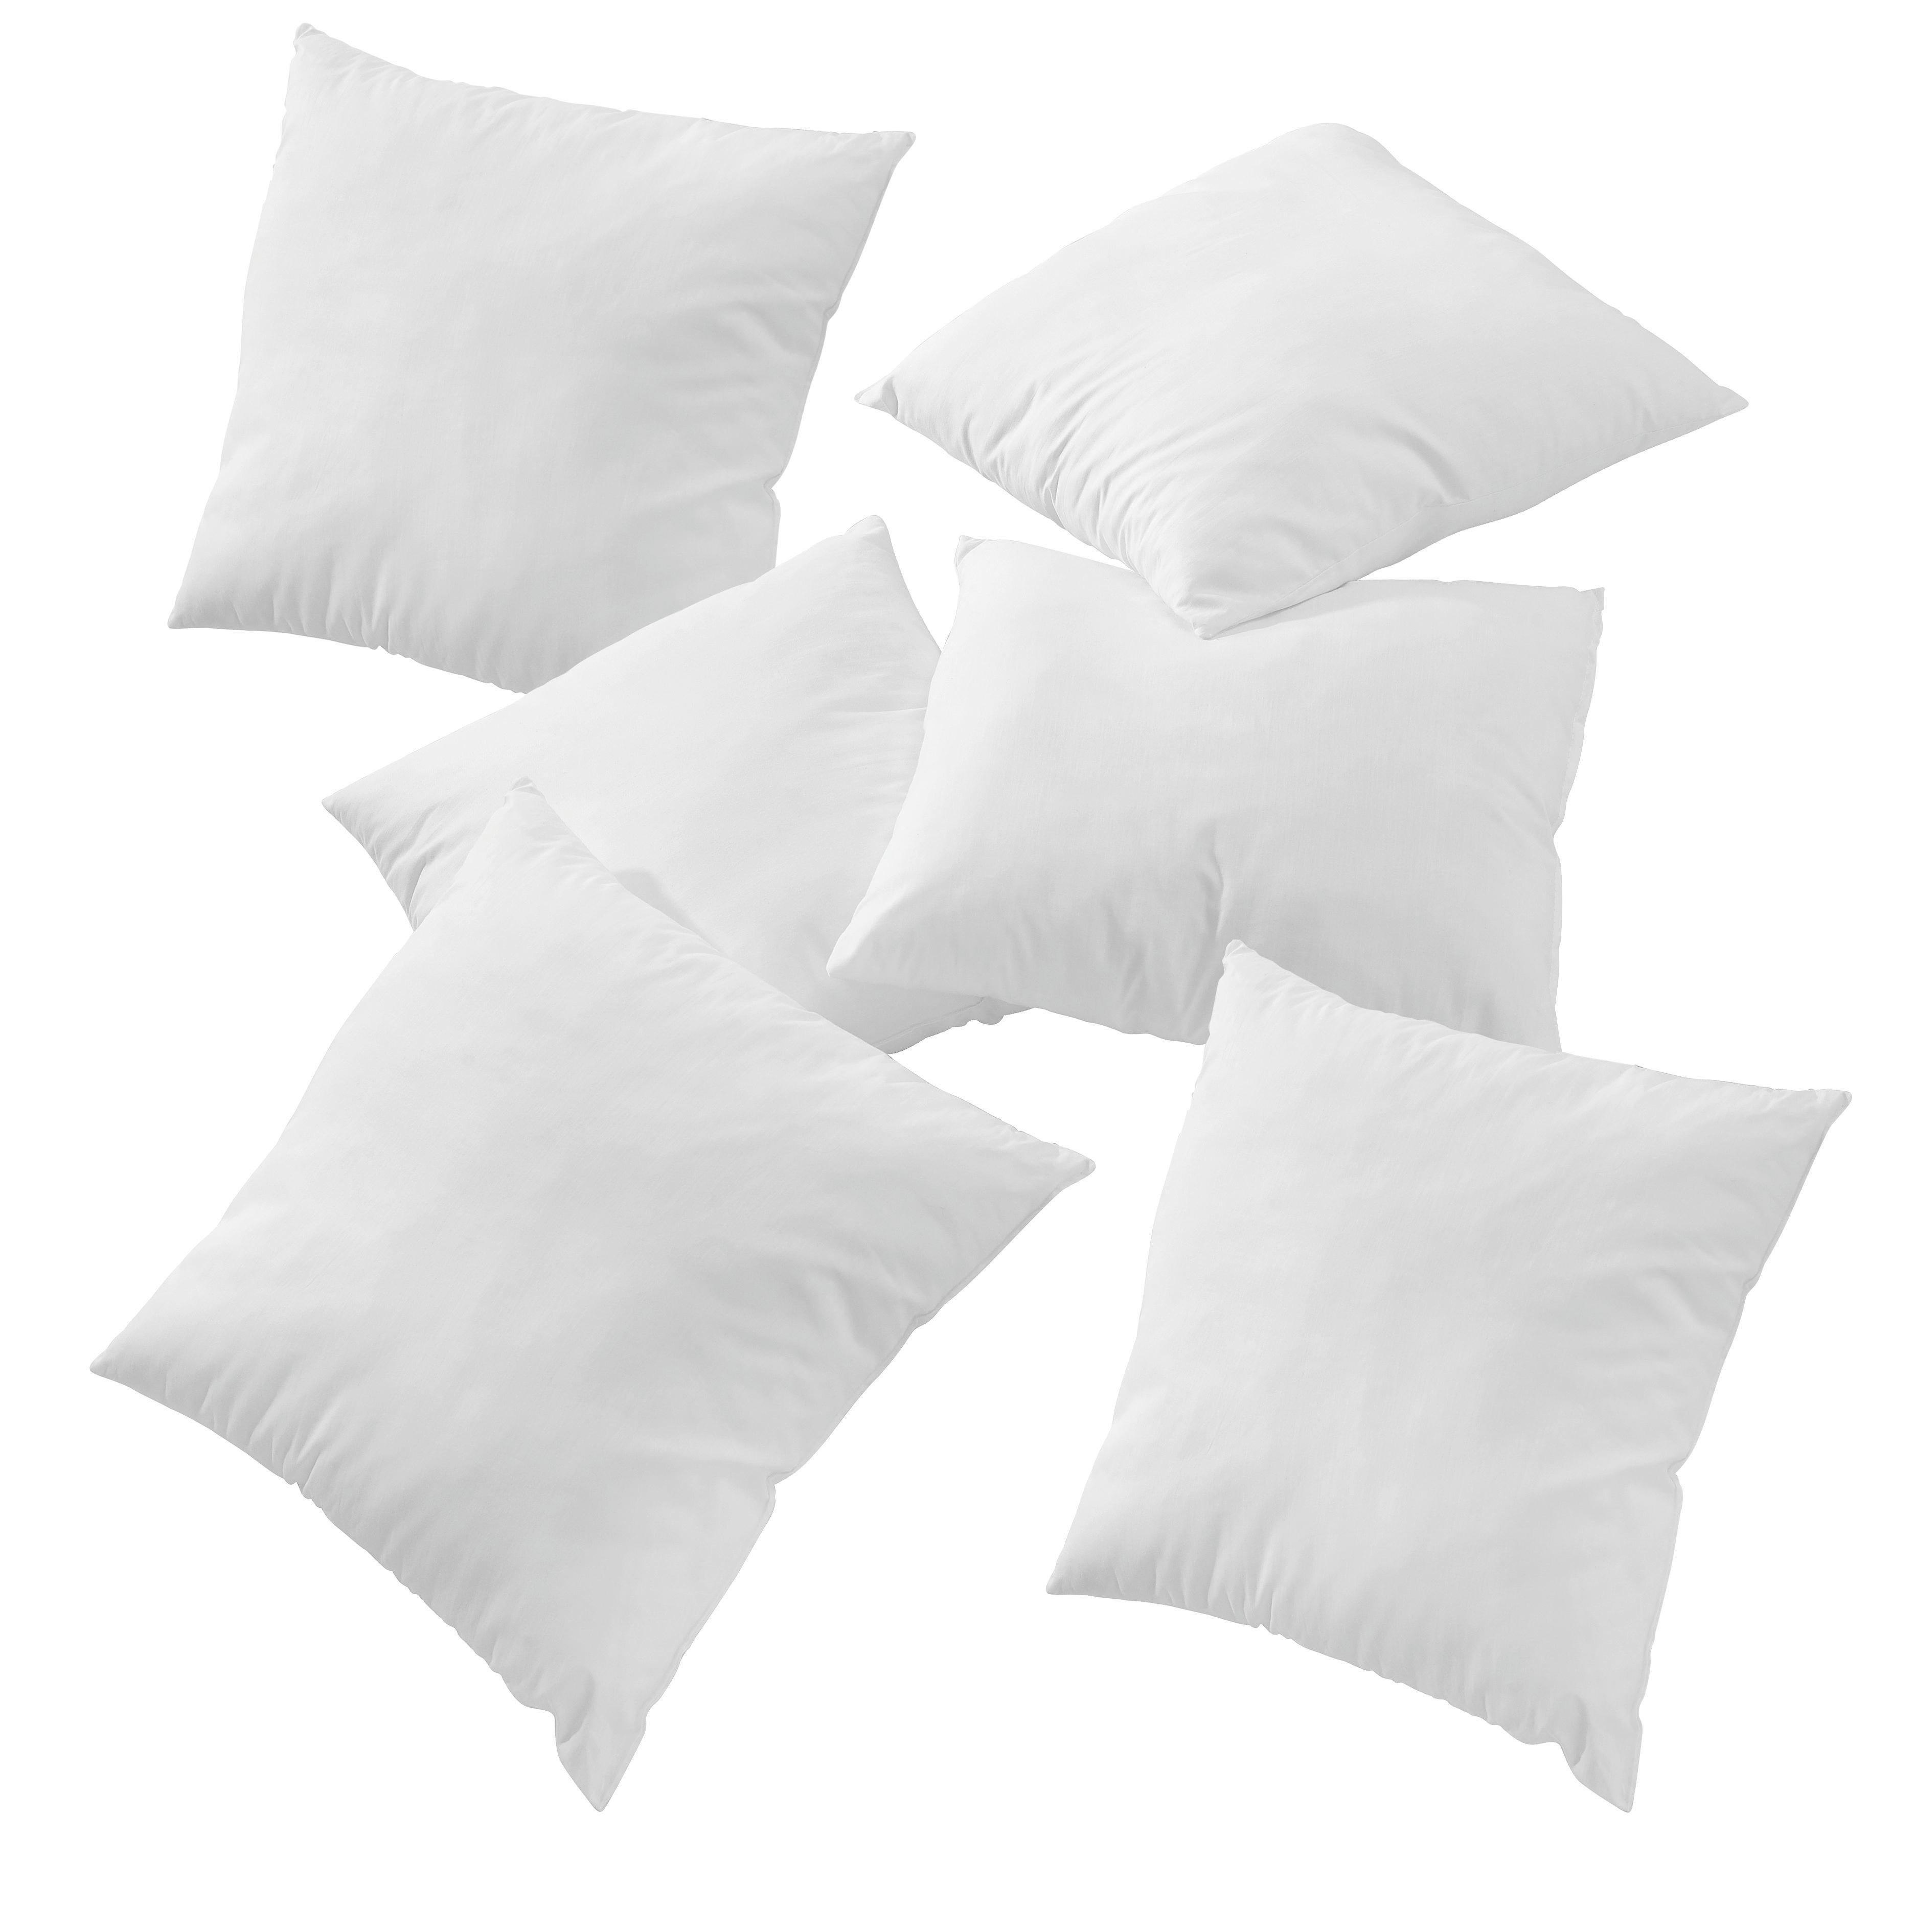 FÜLLKISSEN  40/40 cm - Weiß, Basics (40/40cm) - BOXXX